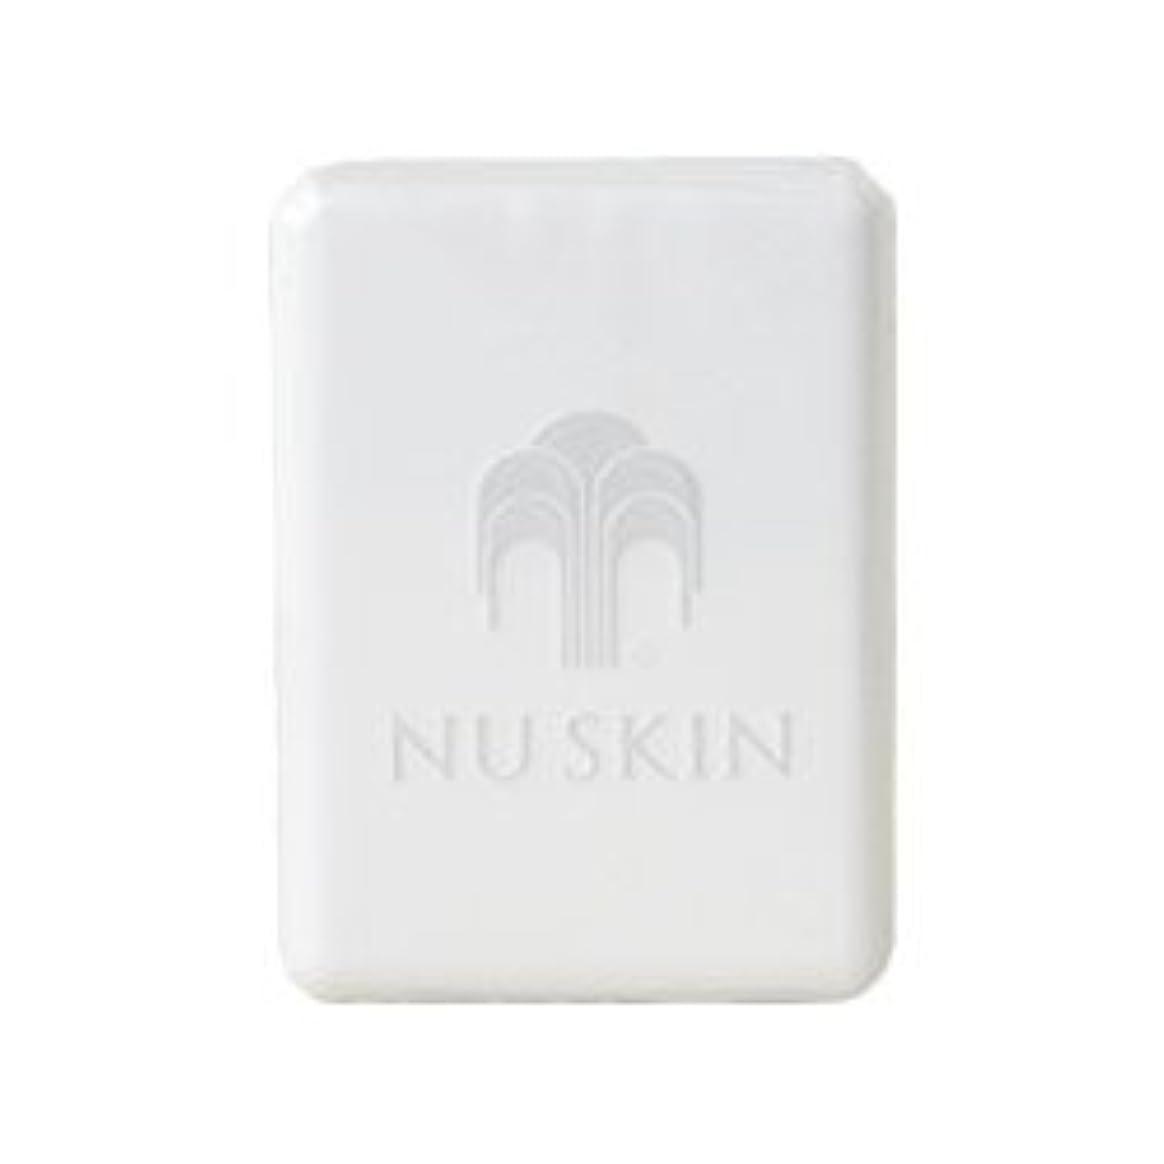 処理補助金ノイズニュースキン NU SKIN ボディーバー 03110353